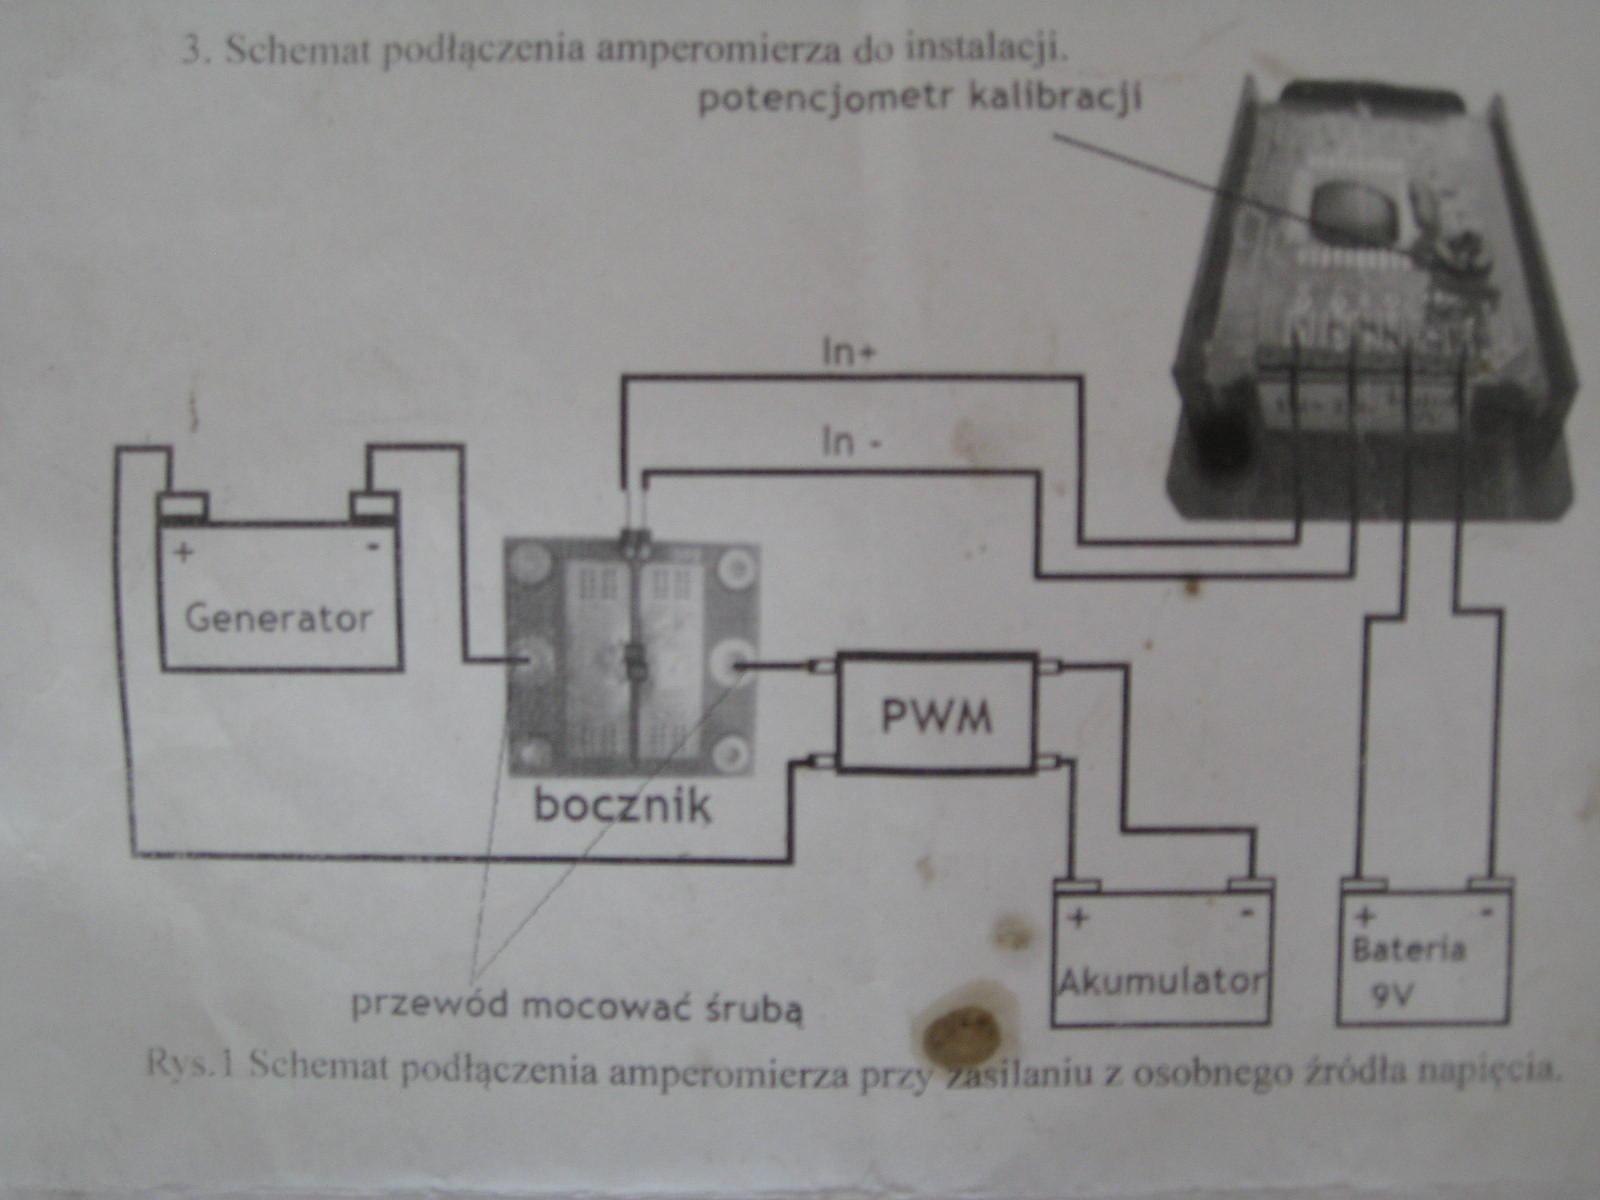 Amperomierz z bocznikiem PMLCDL 438 komplikacja z pod��czeniem